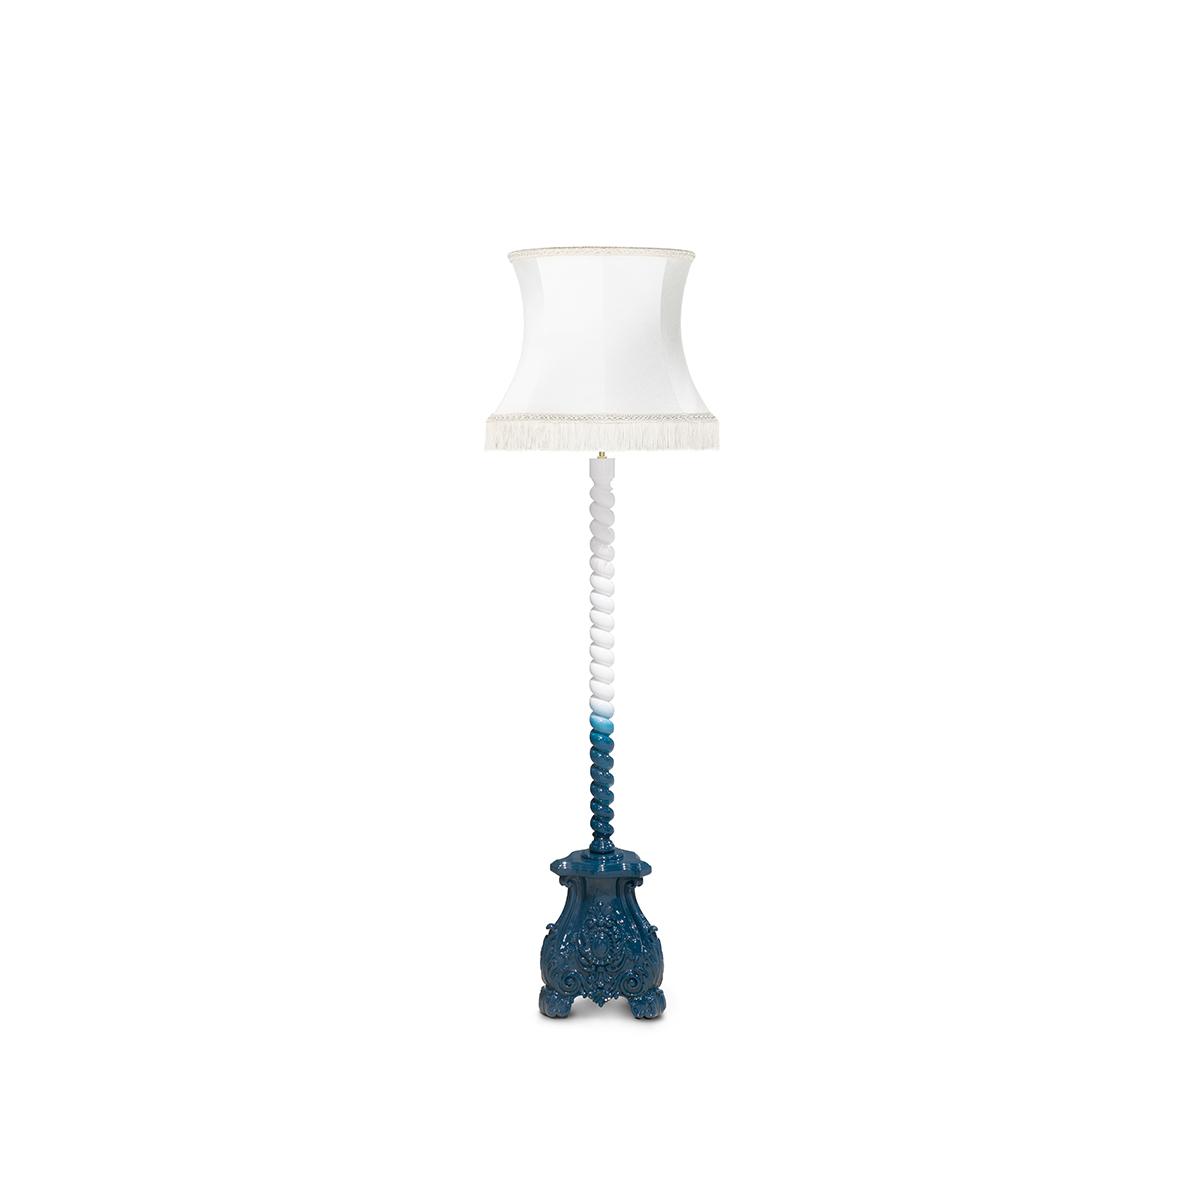 Skyscraper Blue Floor Lamp by Boca do Lobo Covet Lighting